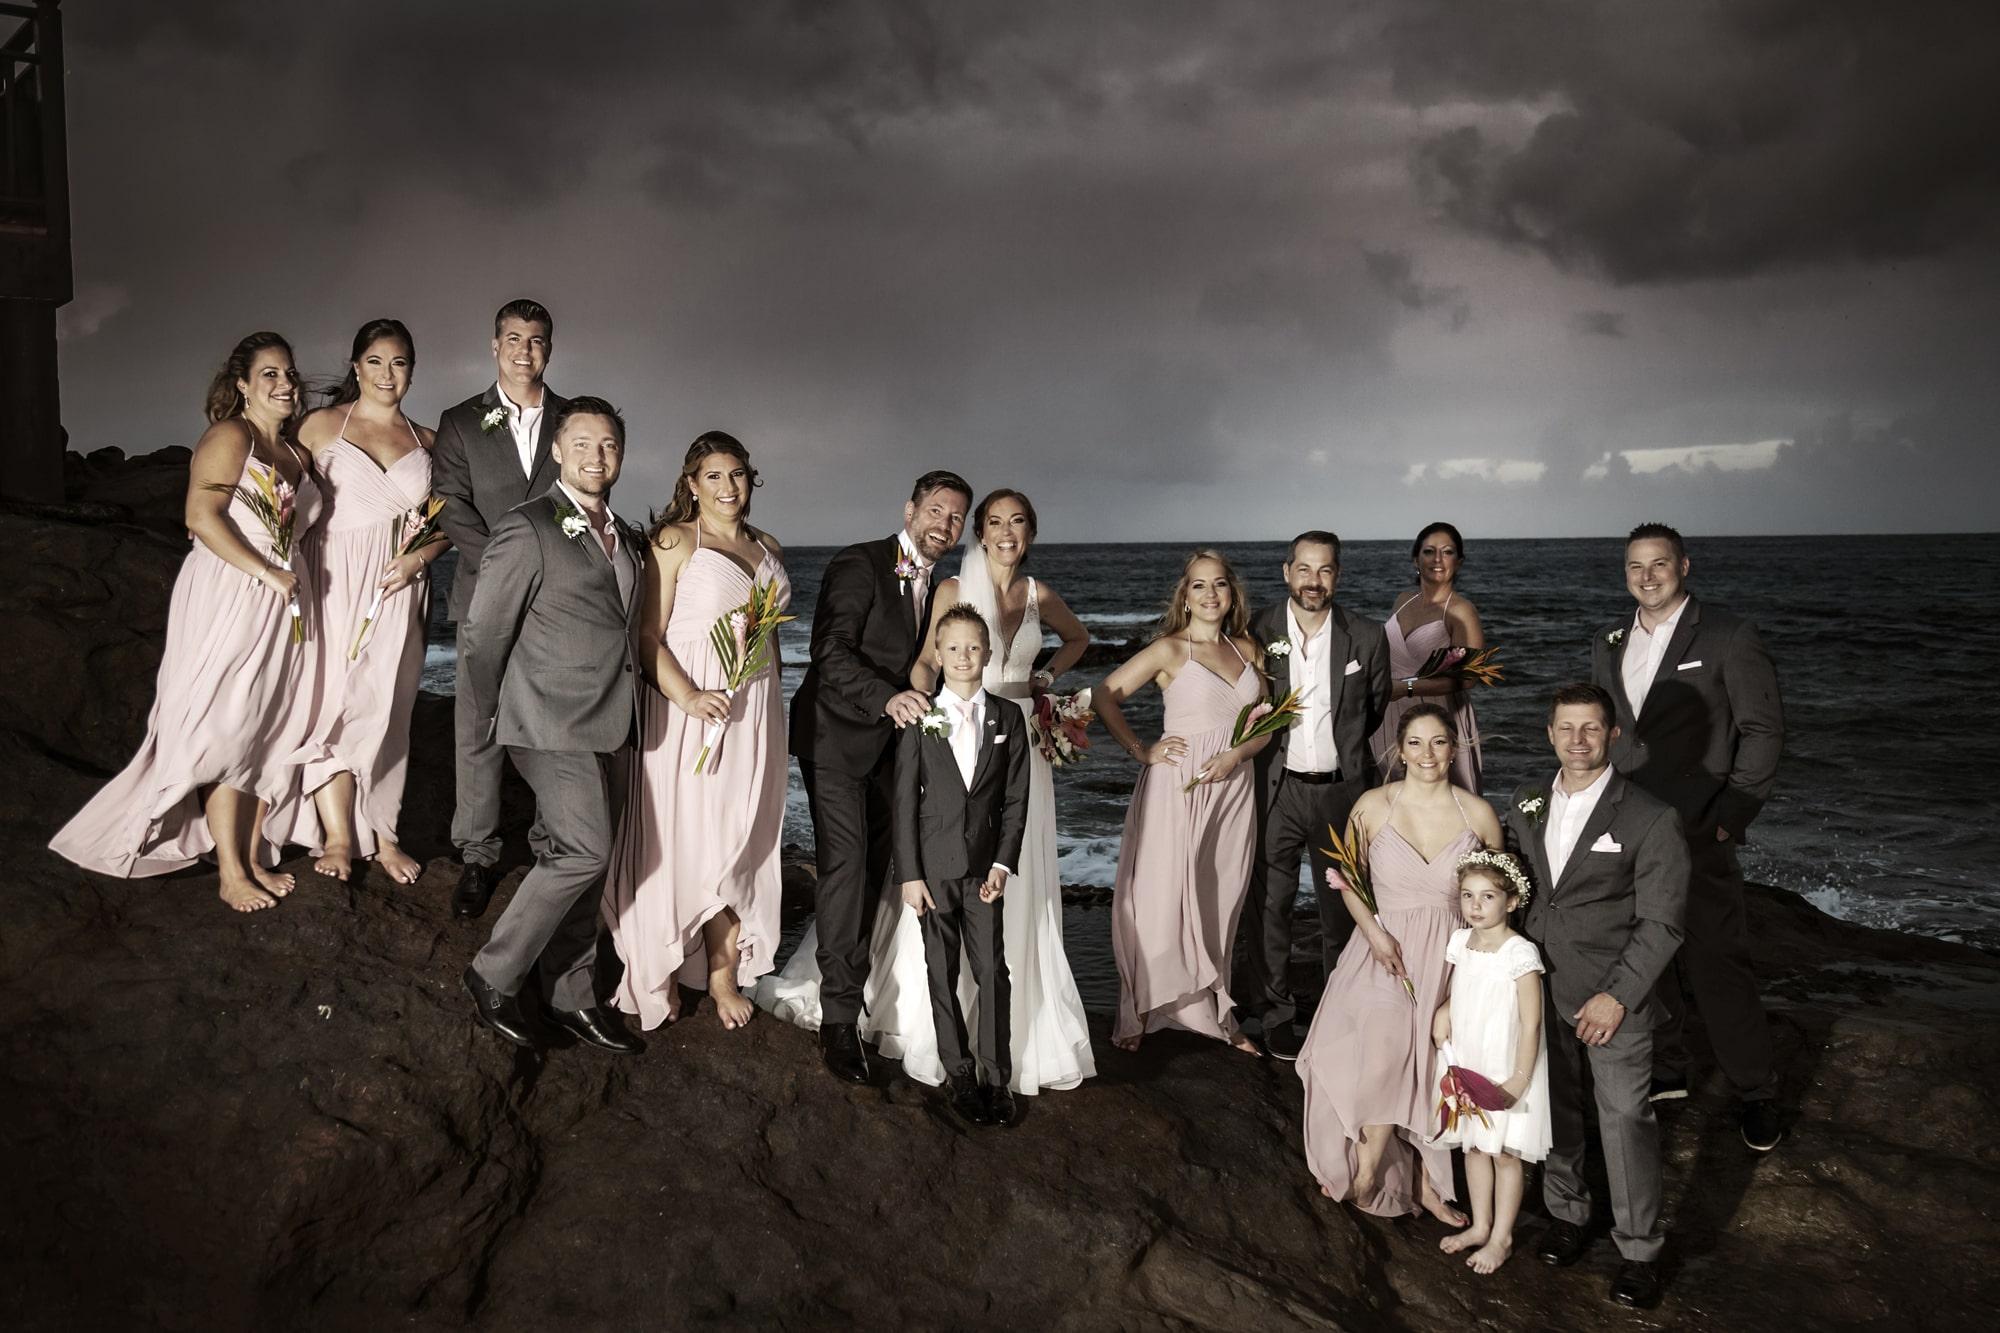 Family wedding on the beach